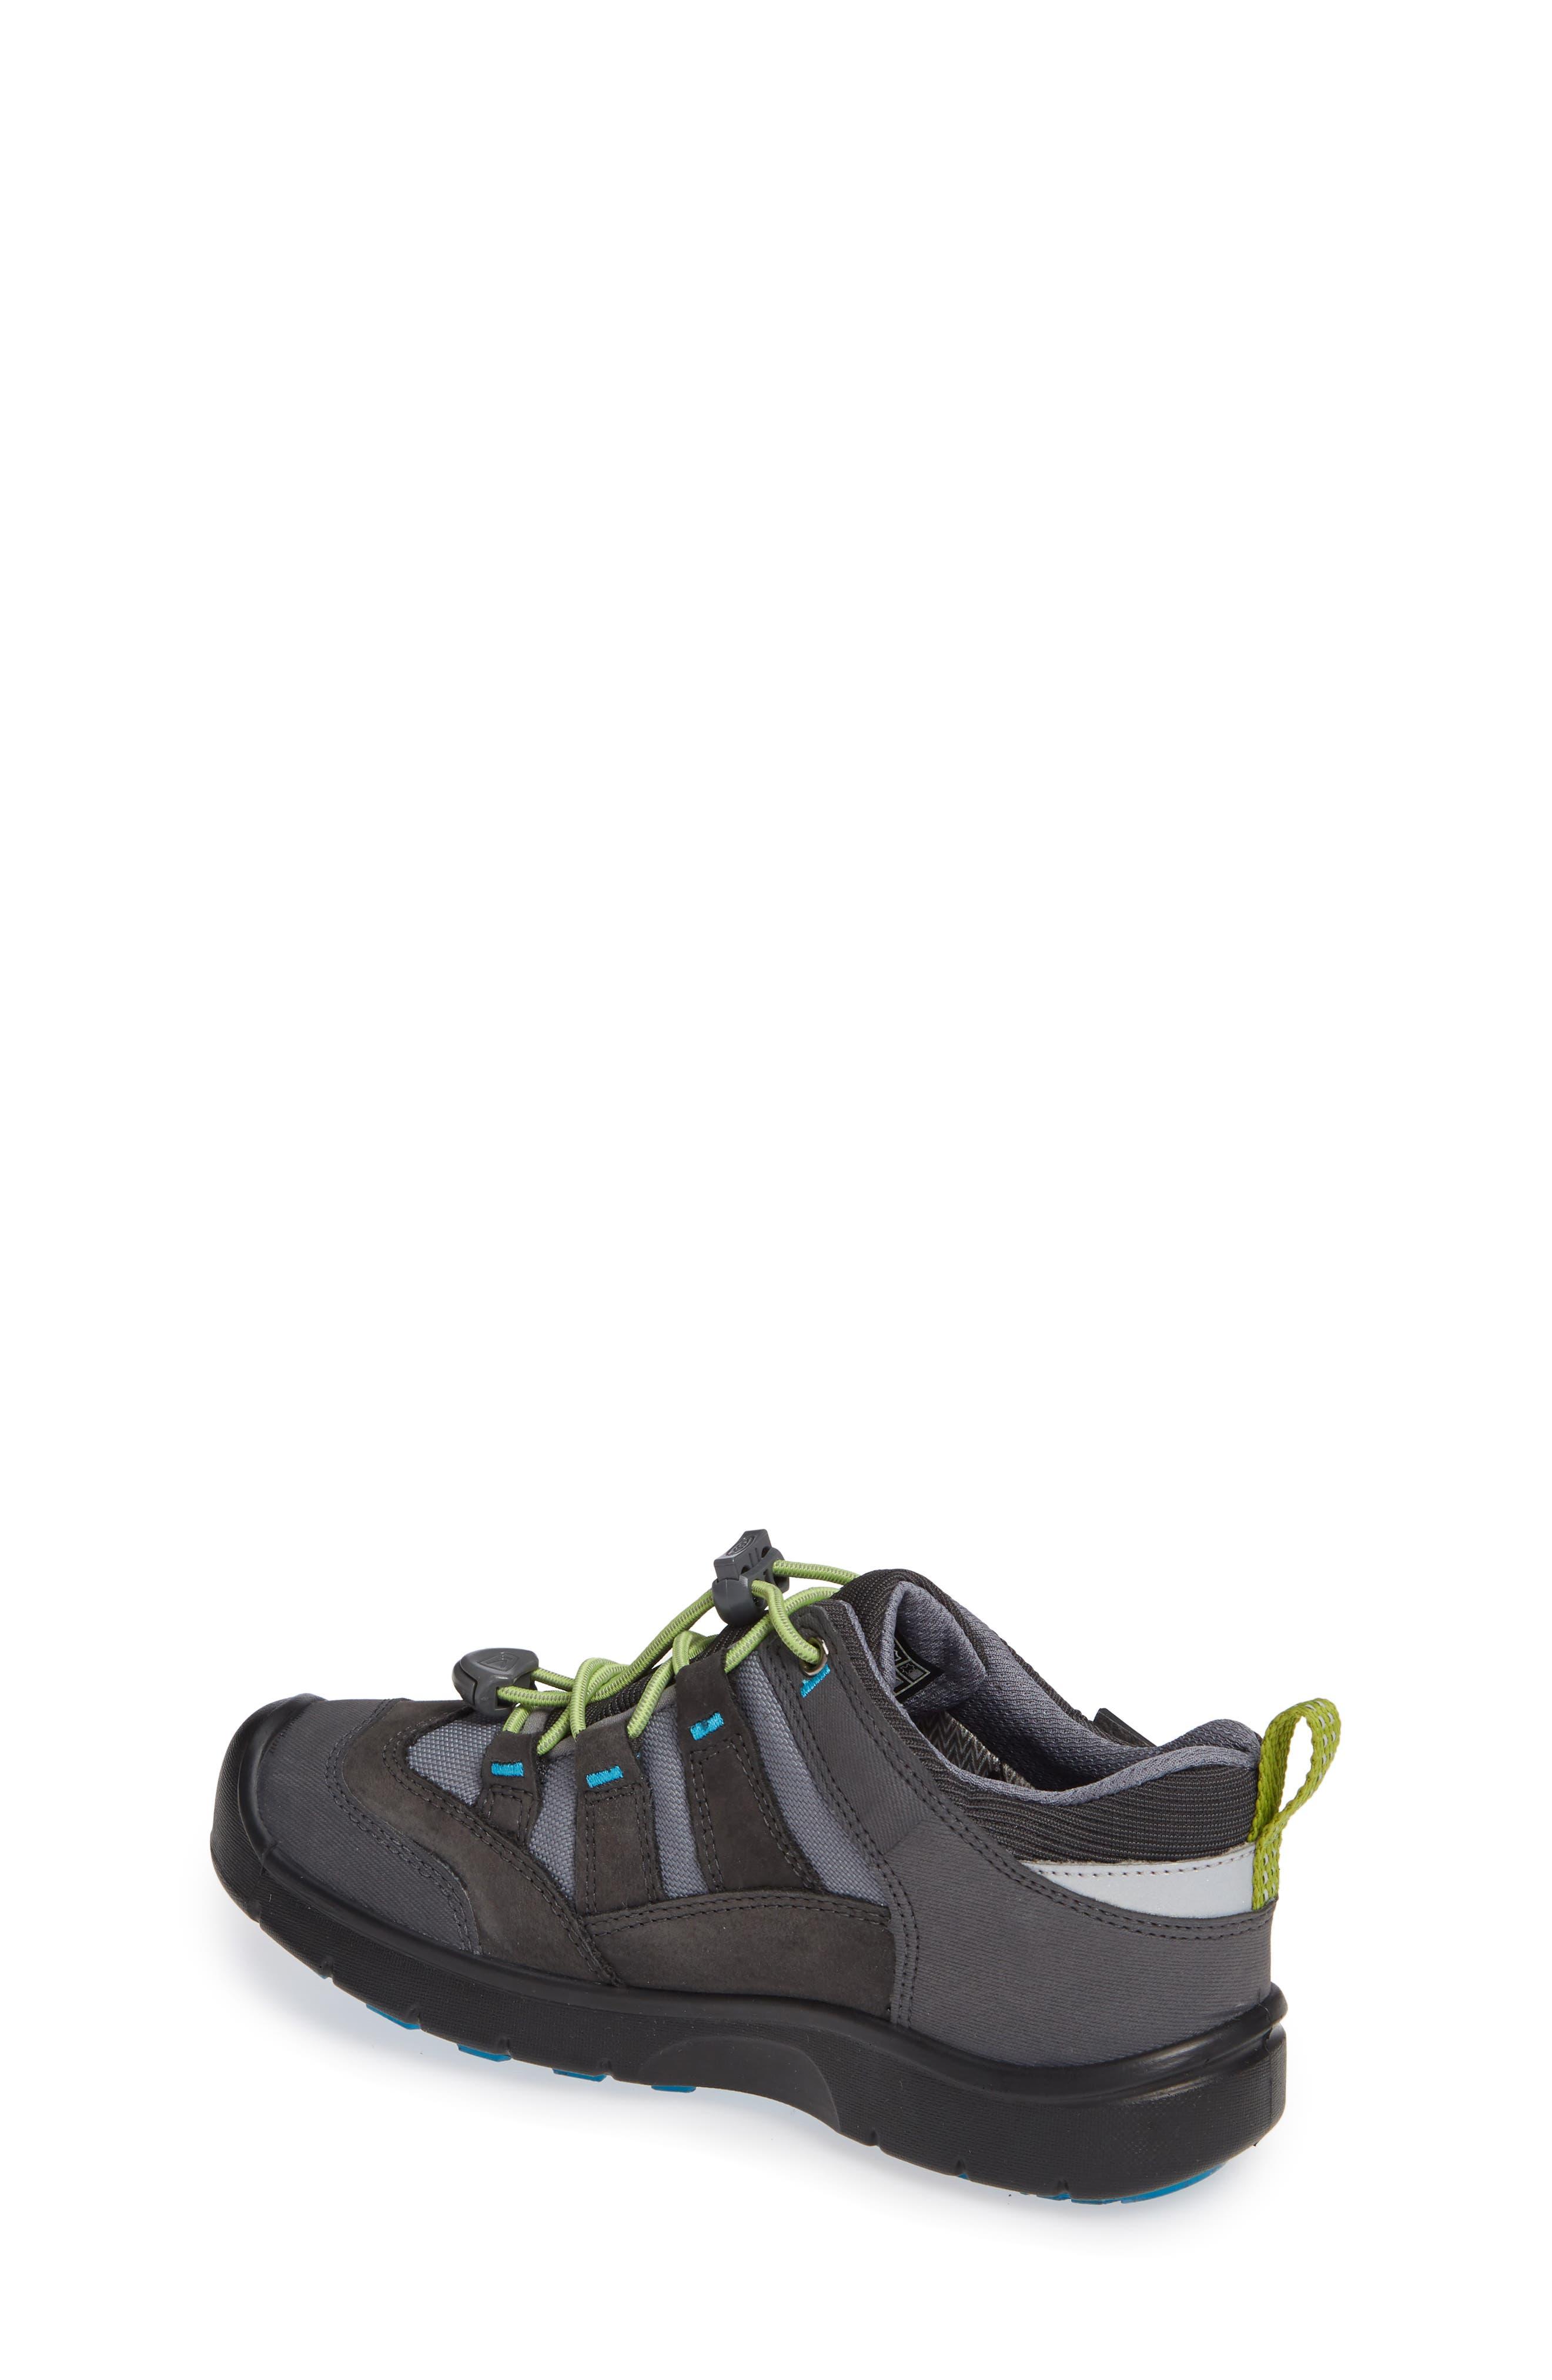 Hikeport Waterproof Sneaker,                             Alternate thumbnail 2, color,                             MAGNET/ GREENERY/ GREENERY